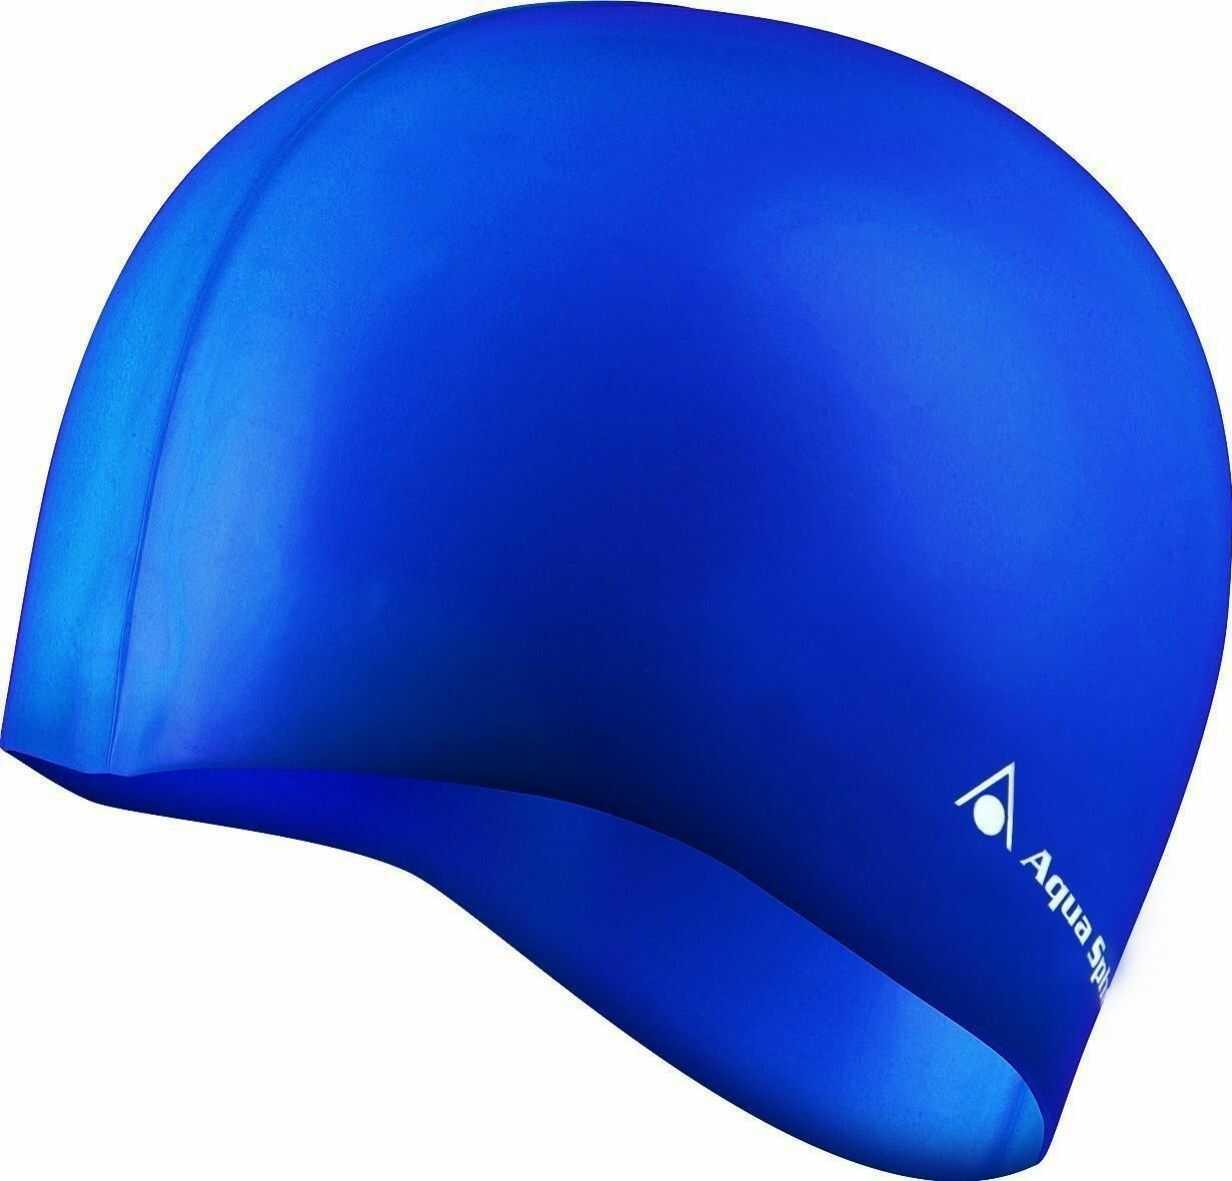 Czepek pływacki aqua sphere classic niebieski